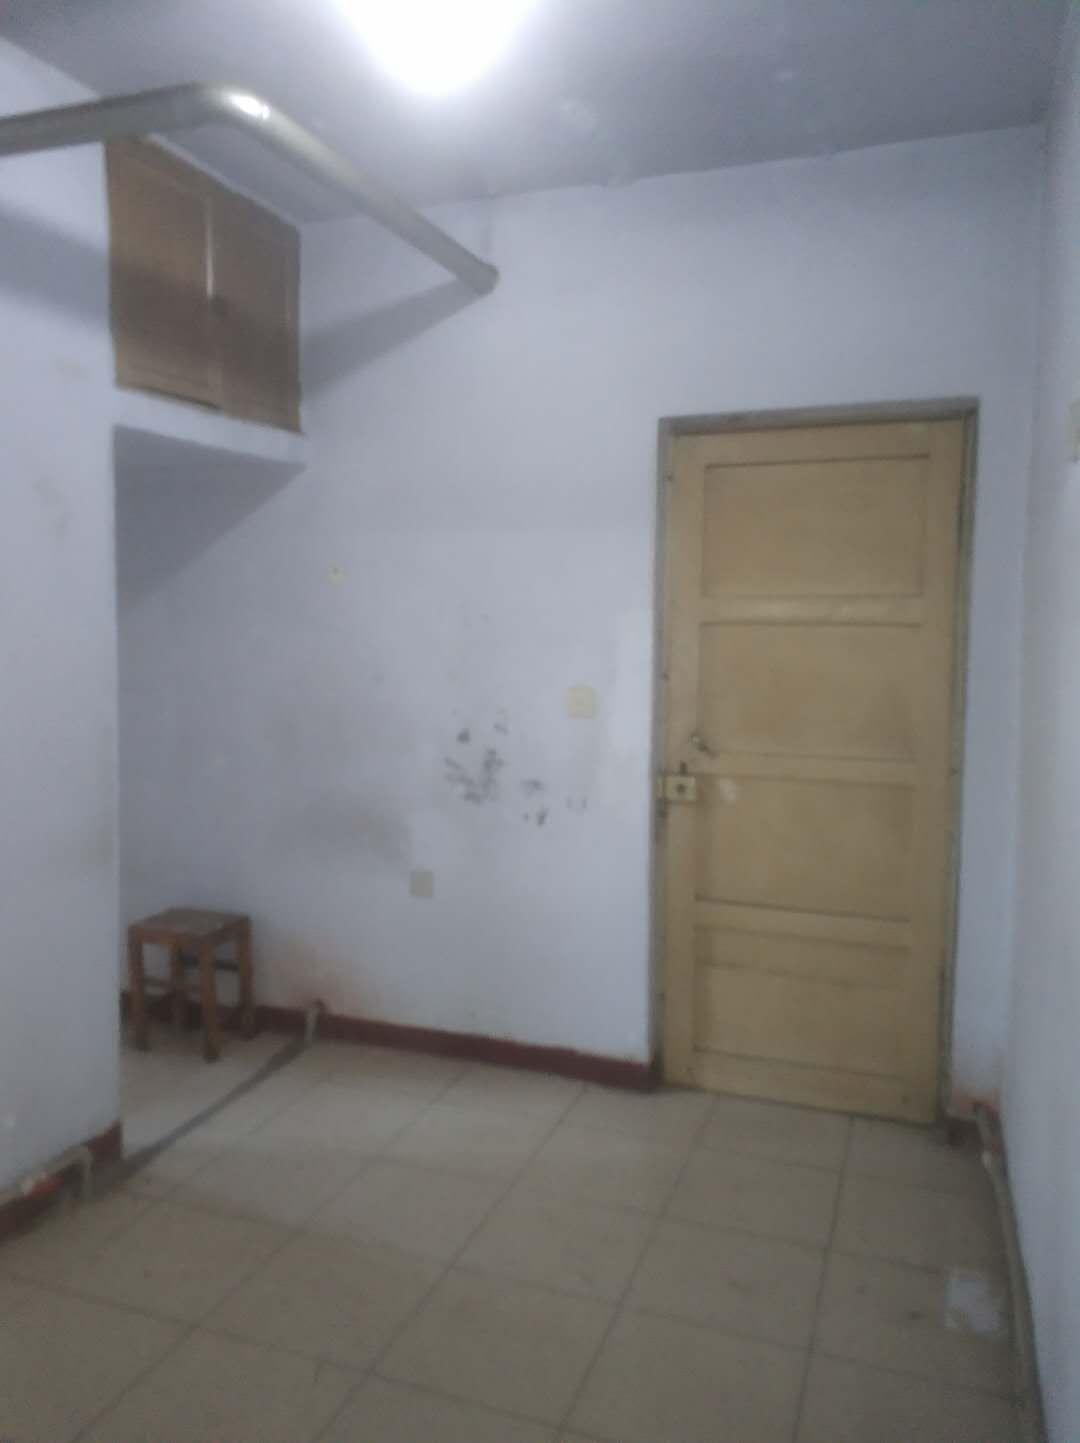 国棉厂宿舍 2室1厅 双证齐全过五年 简装 20万房型图